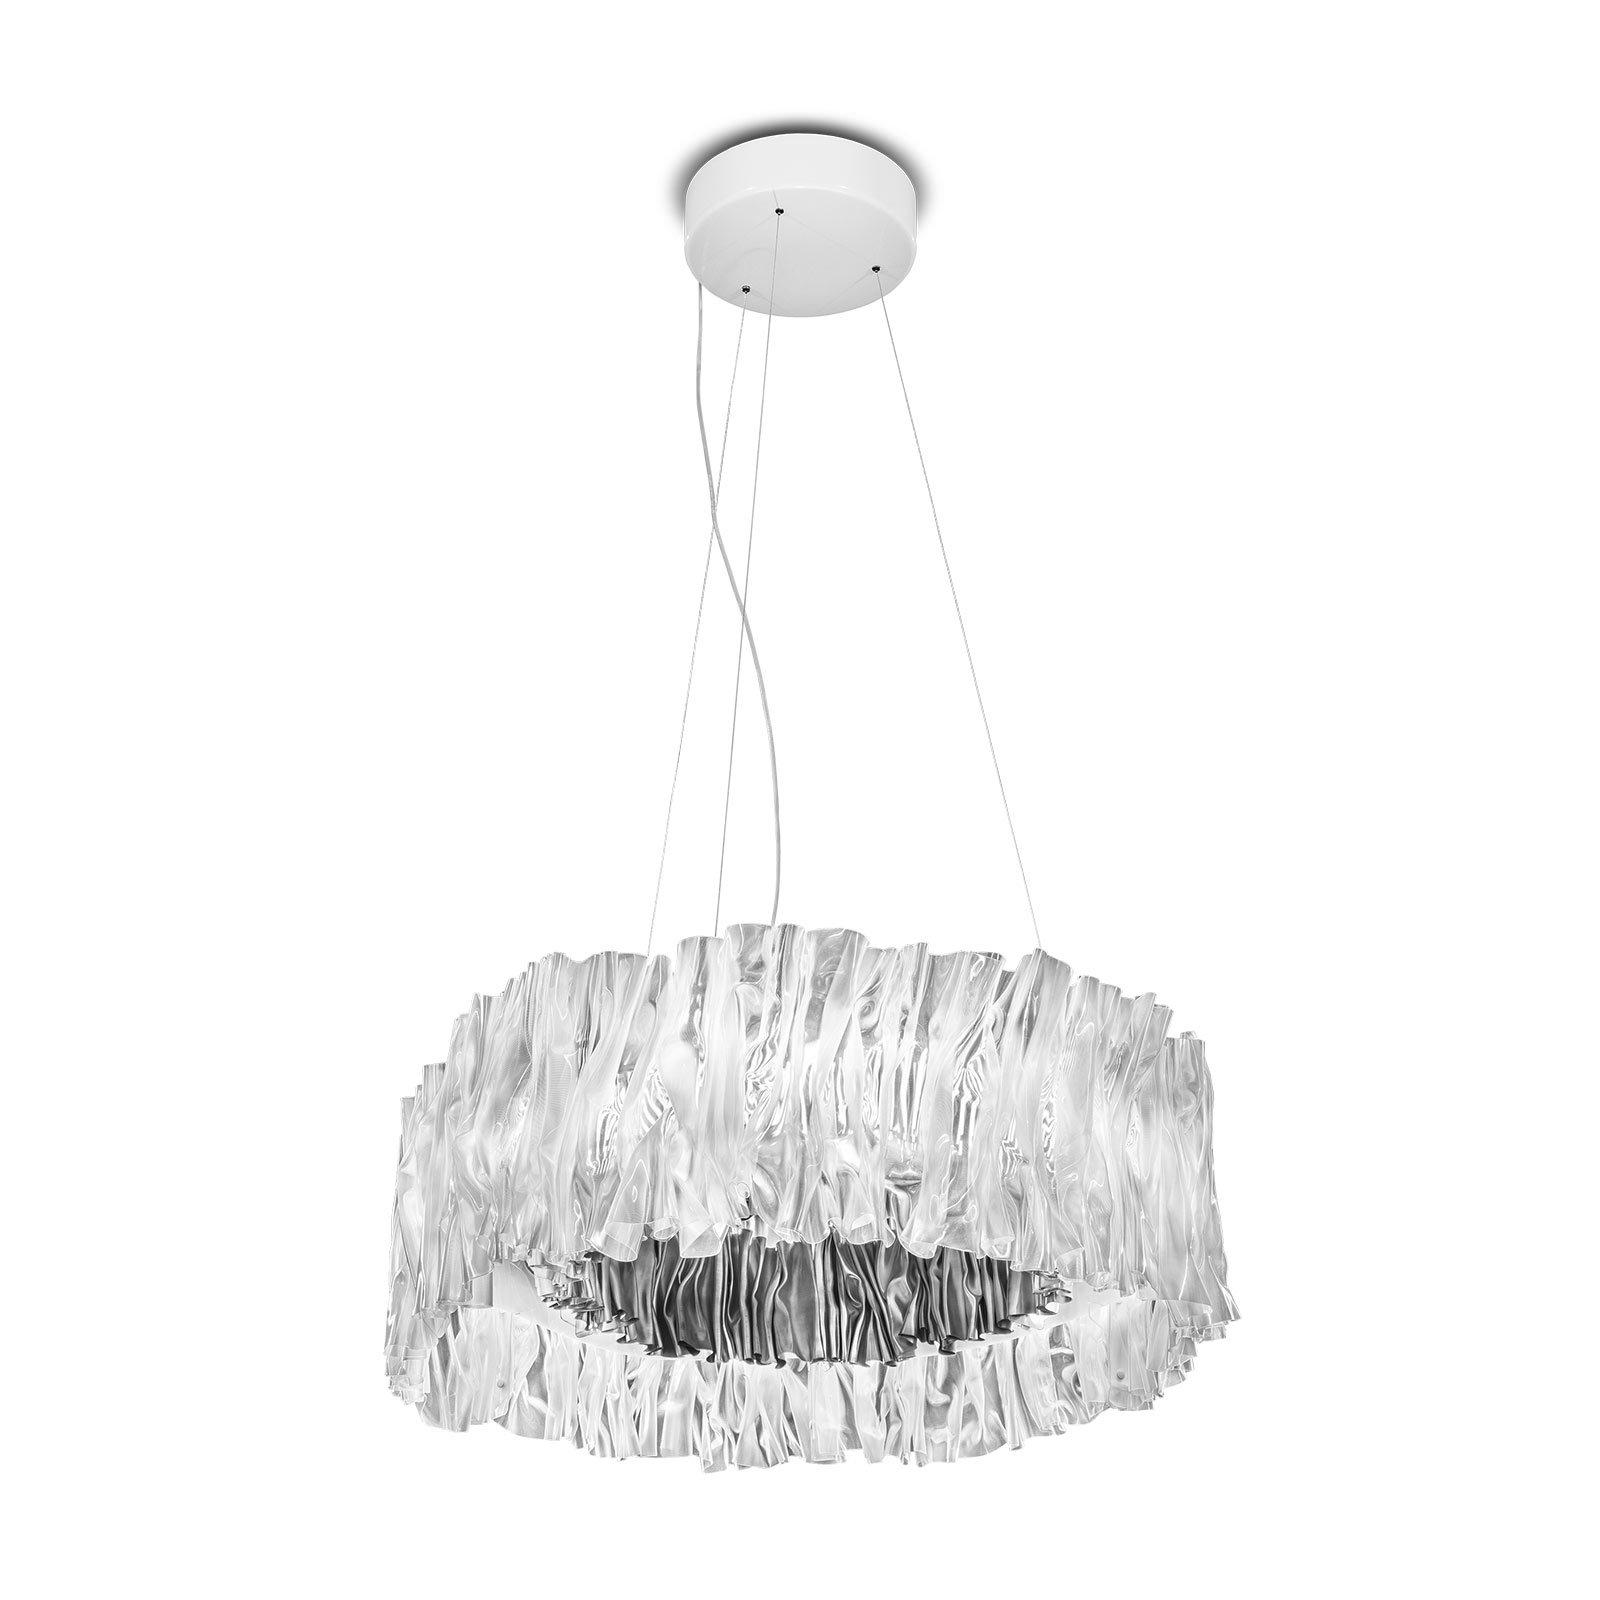 Slamp Accordéon LED-hengelampe sølv 3 000 K